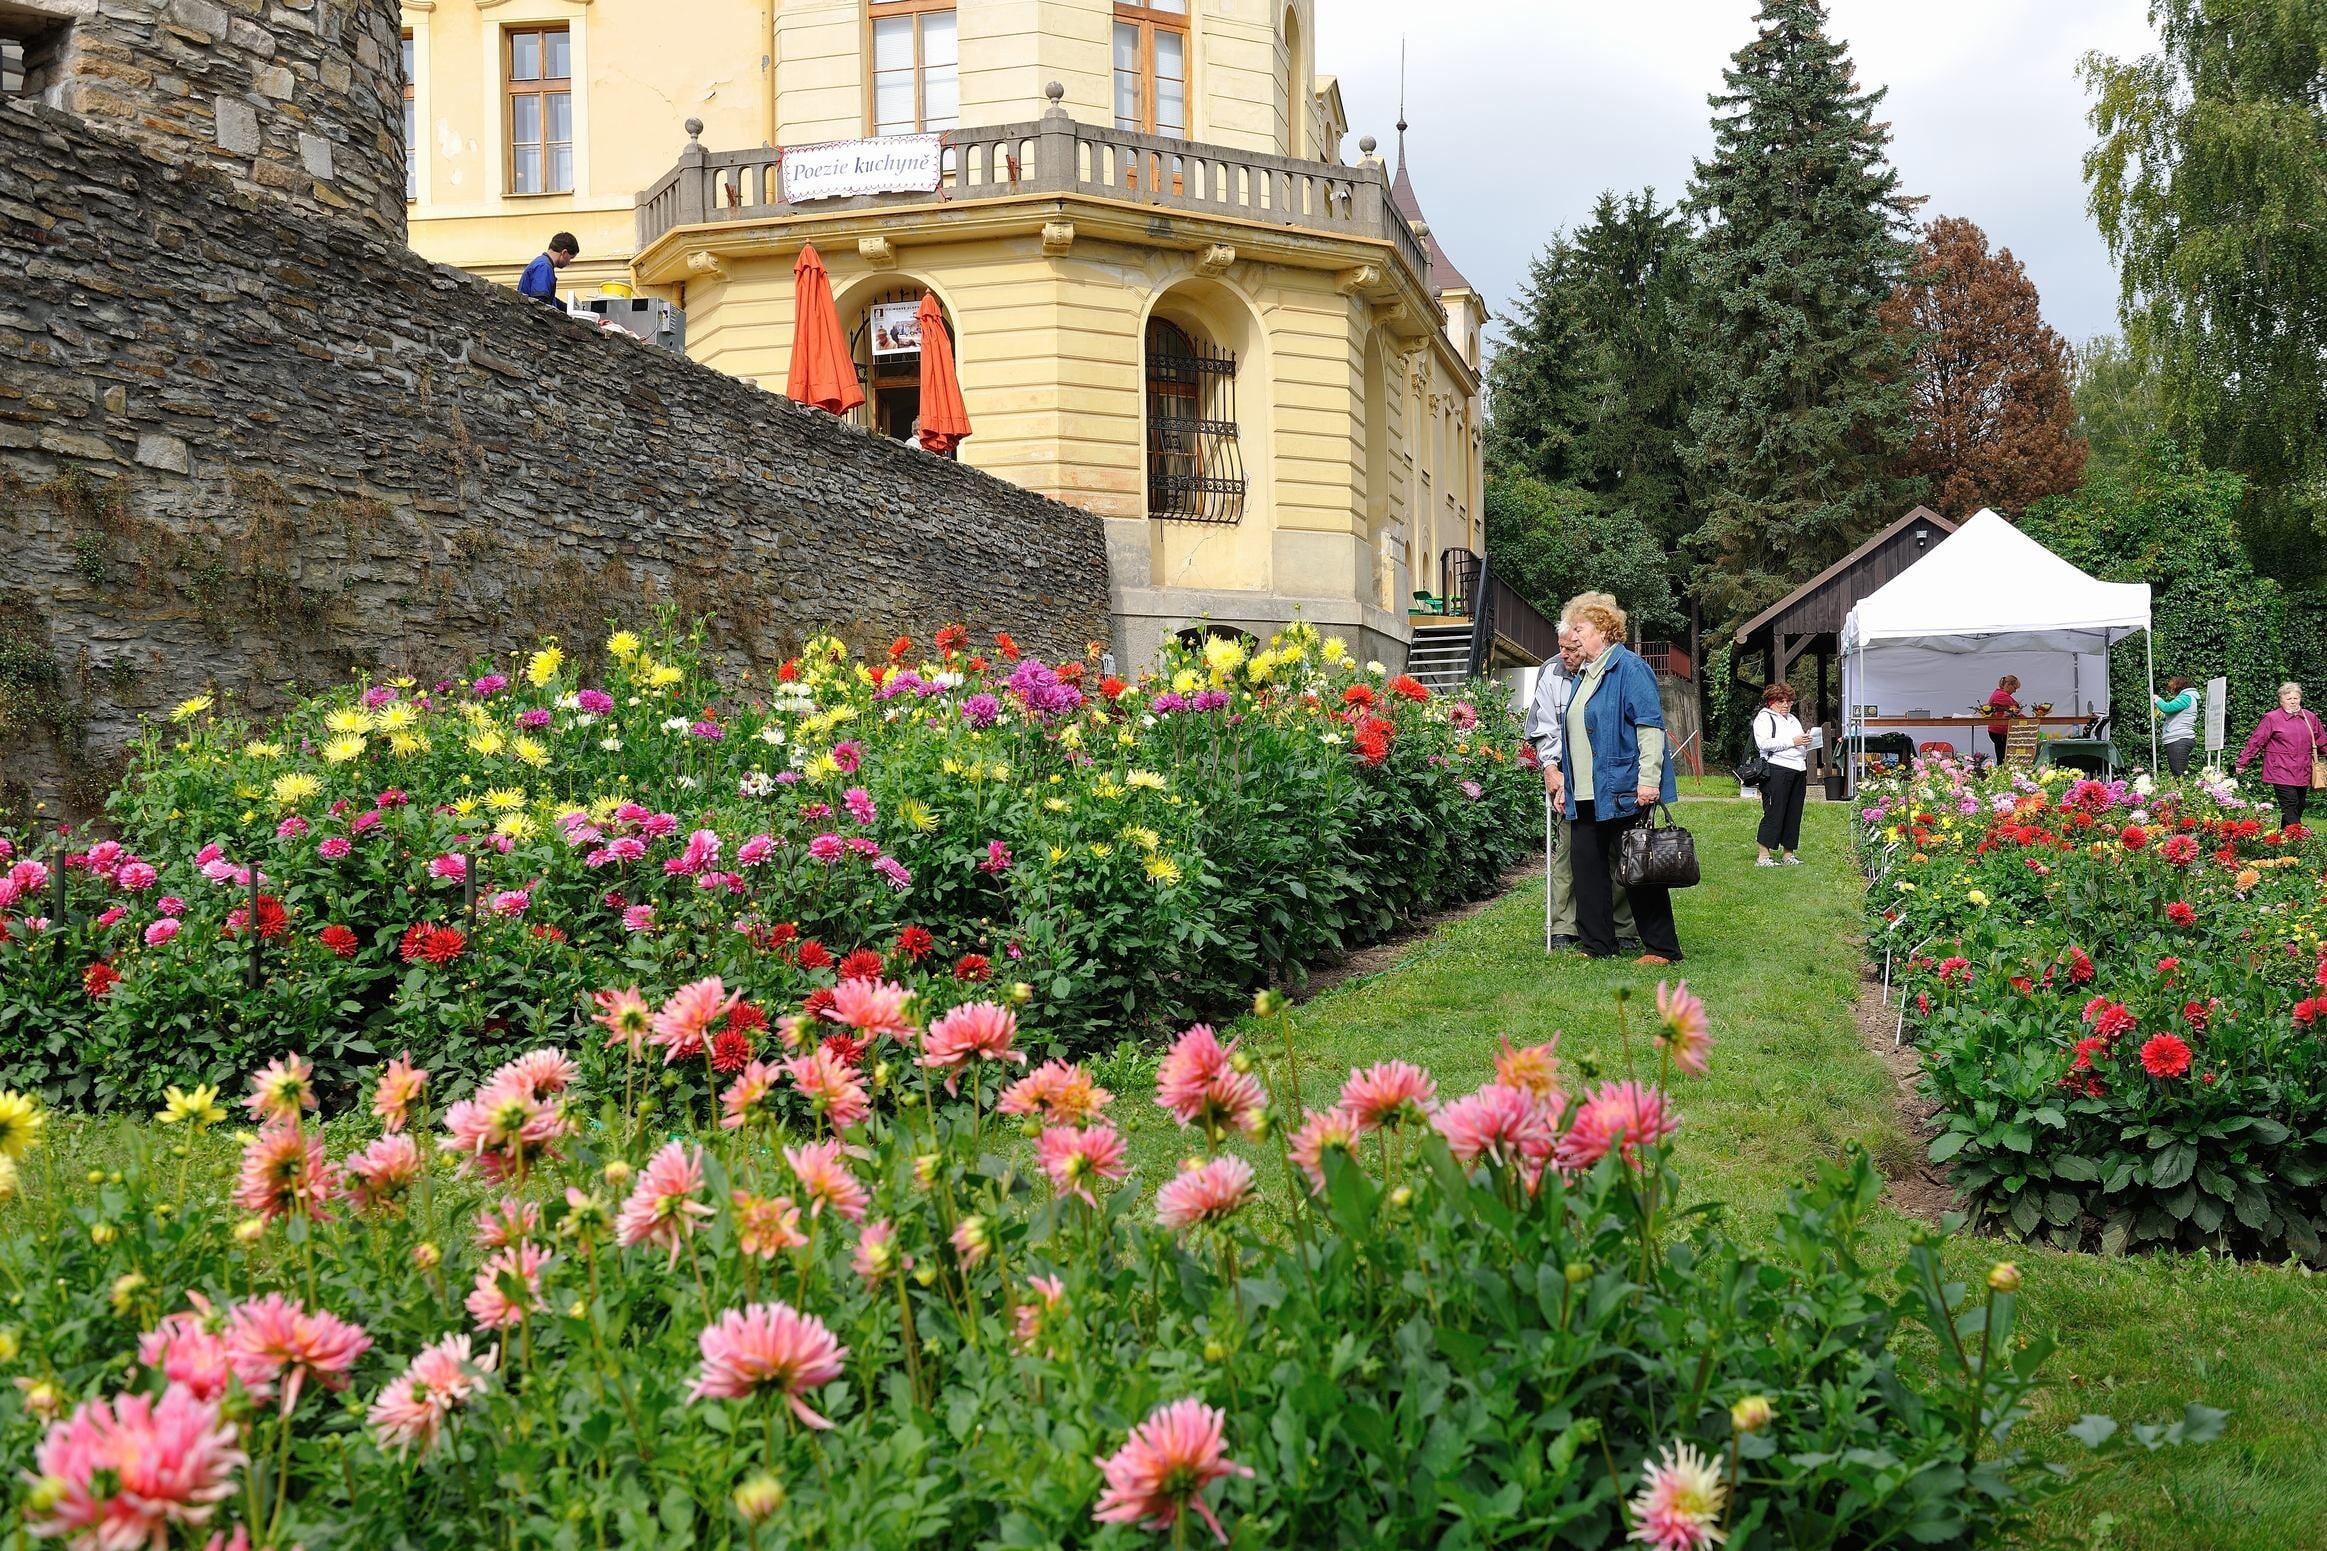 Tipy na výlet - východní Čechy